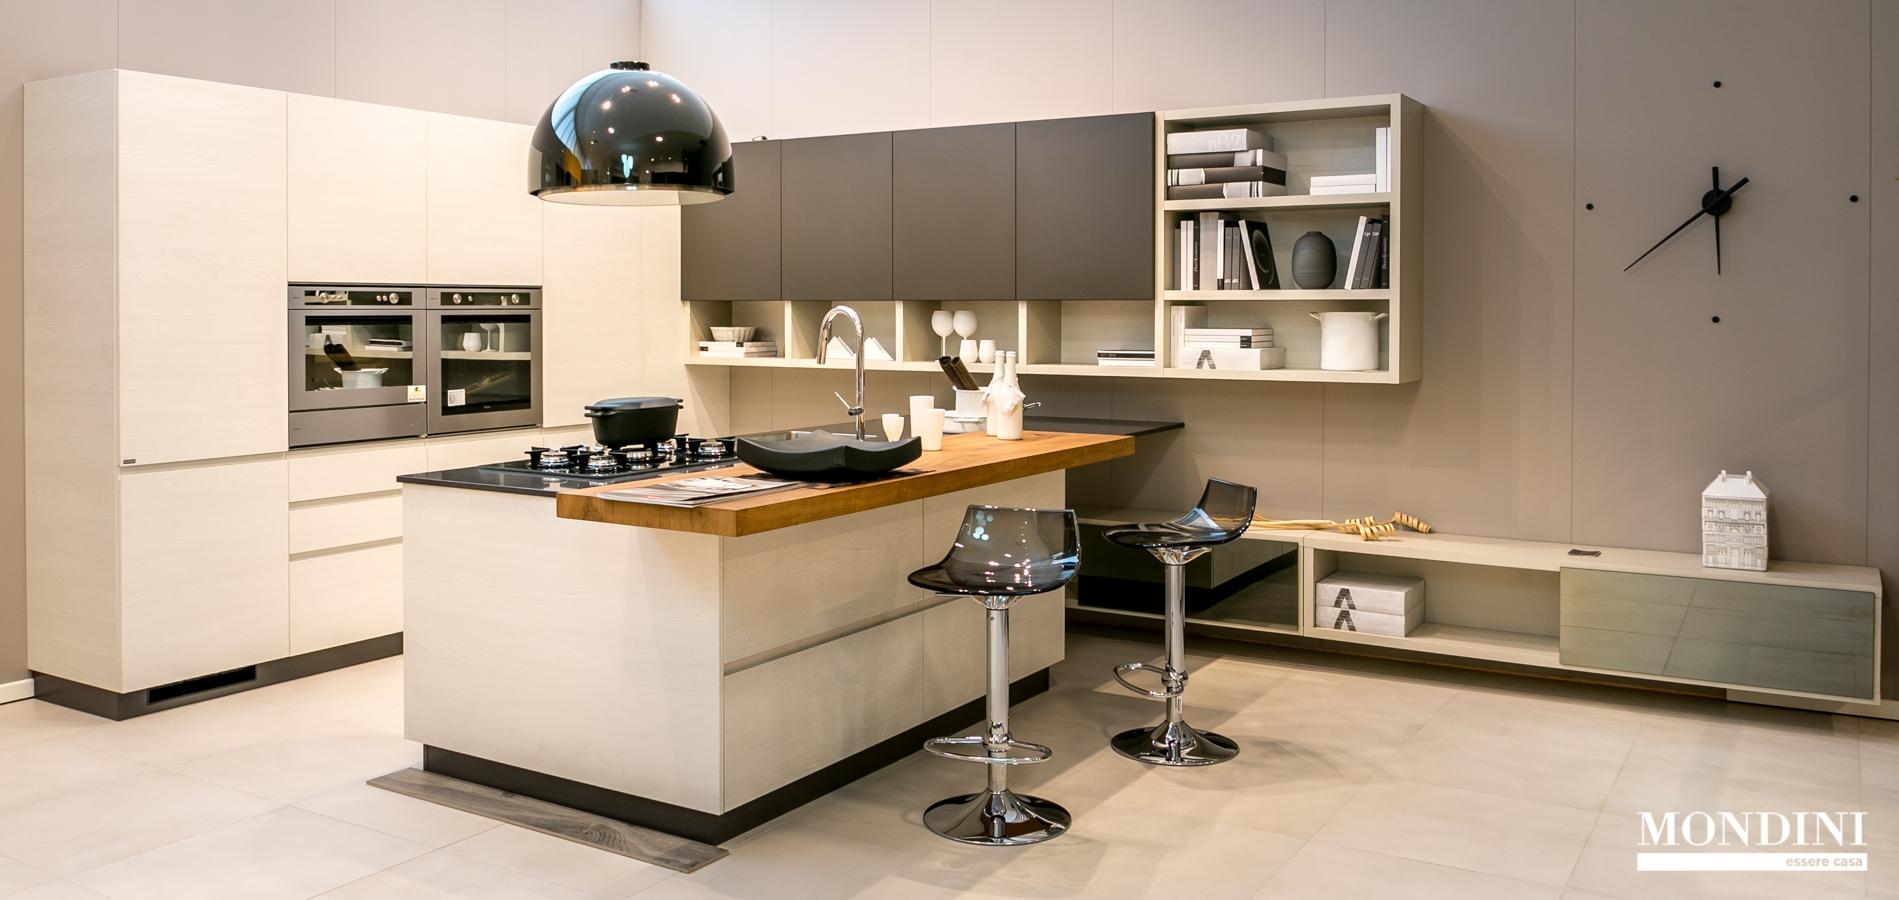 Cucina con isola scavolini modello motus scontata del 41 for Cucina a concetto aperta con isola